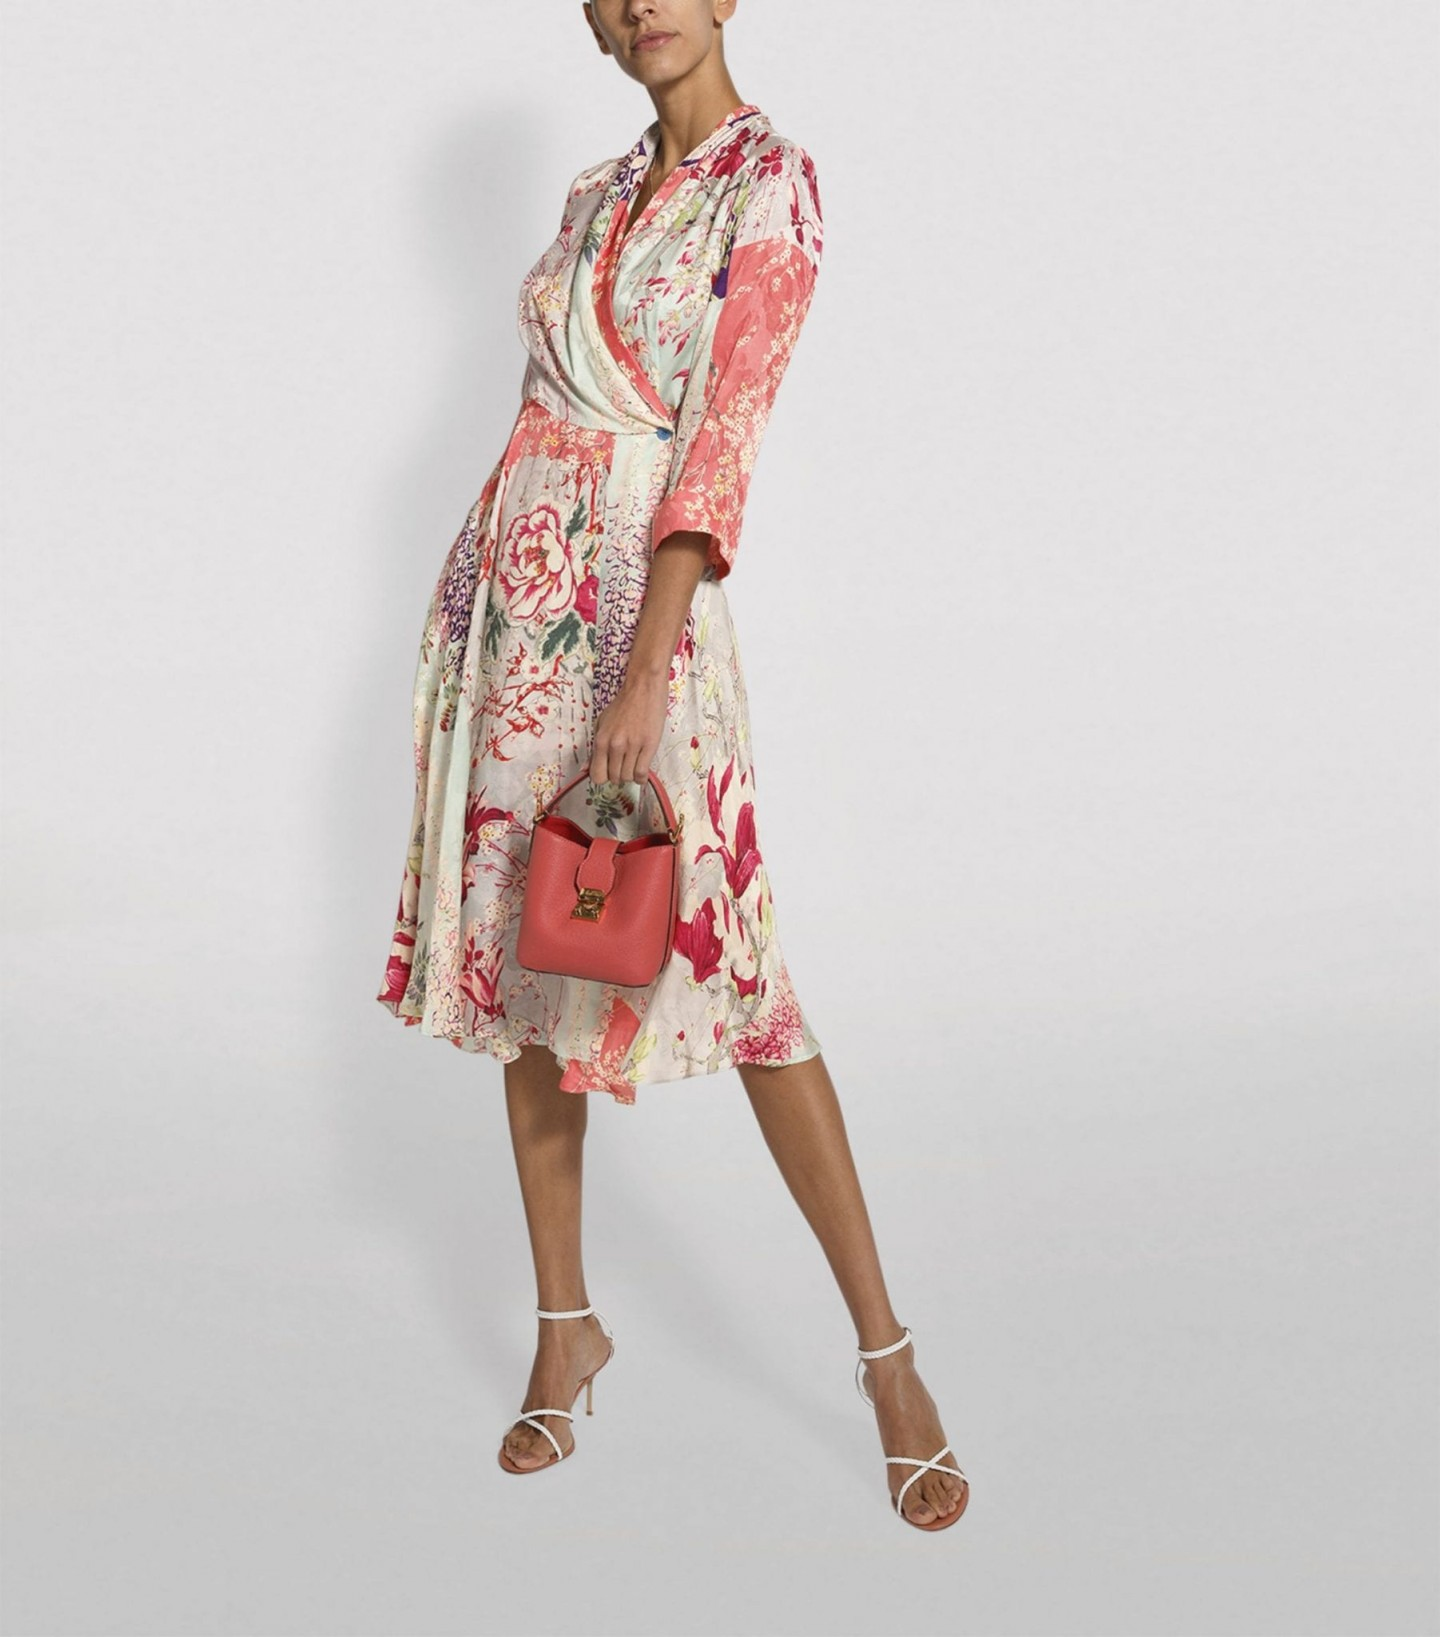 ETRO Floral Wrap Dress